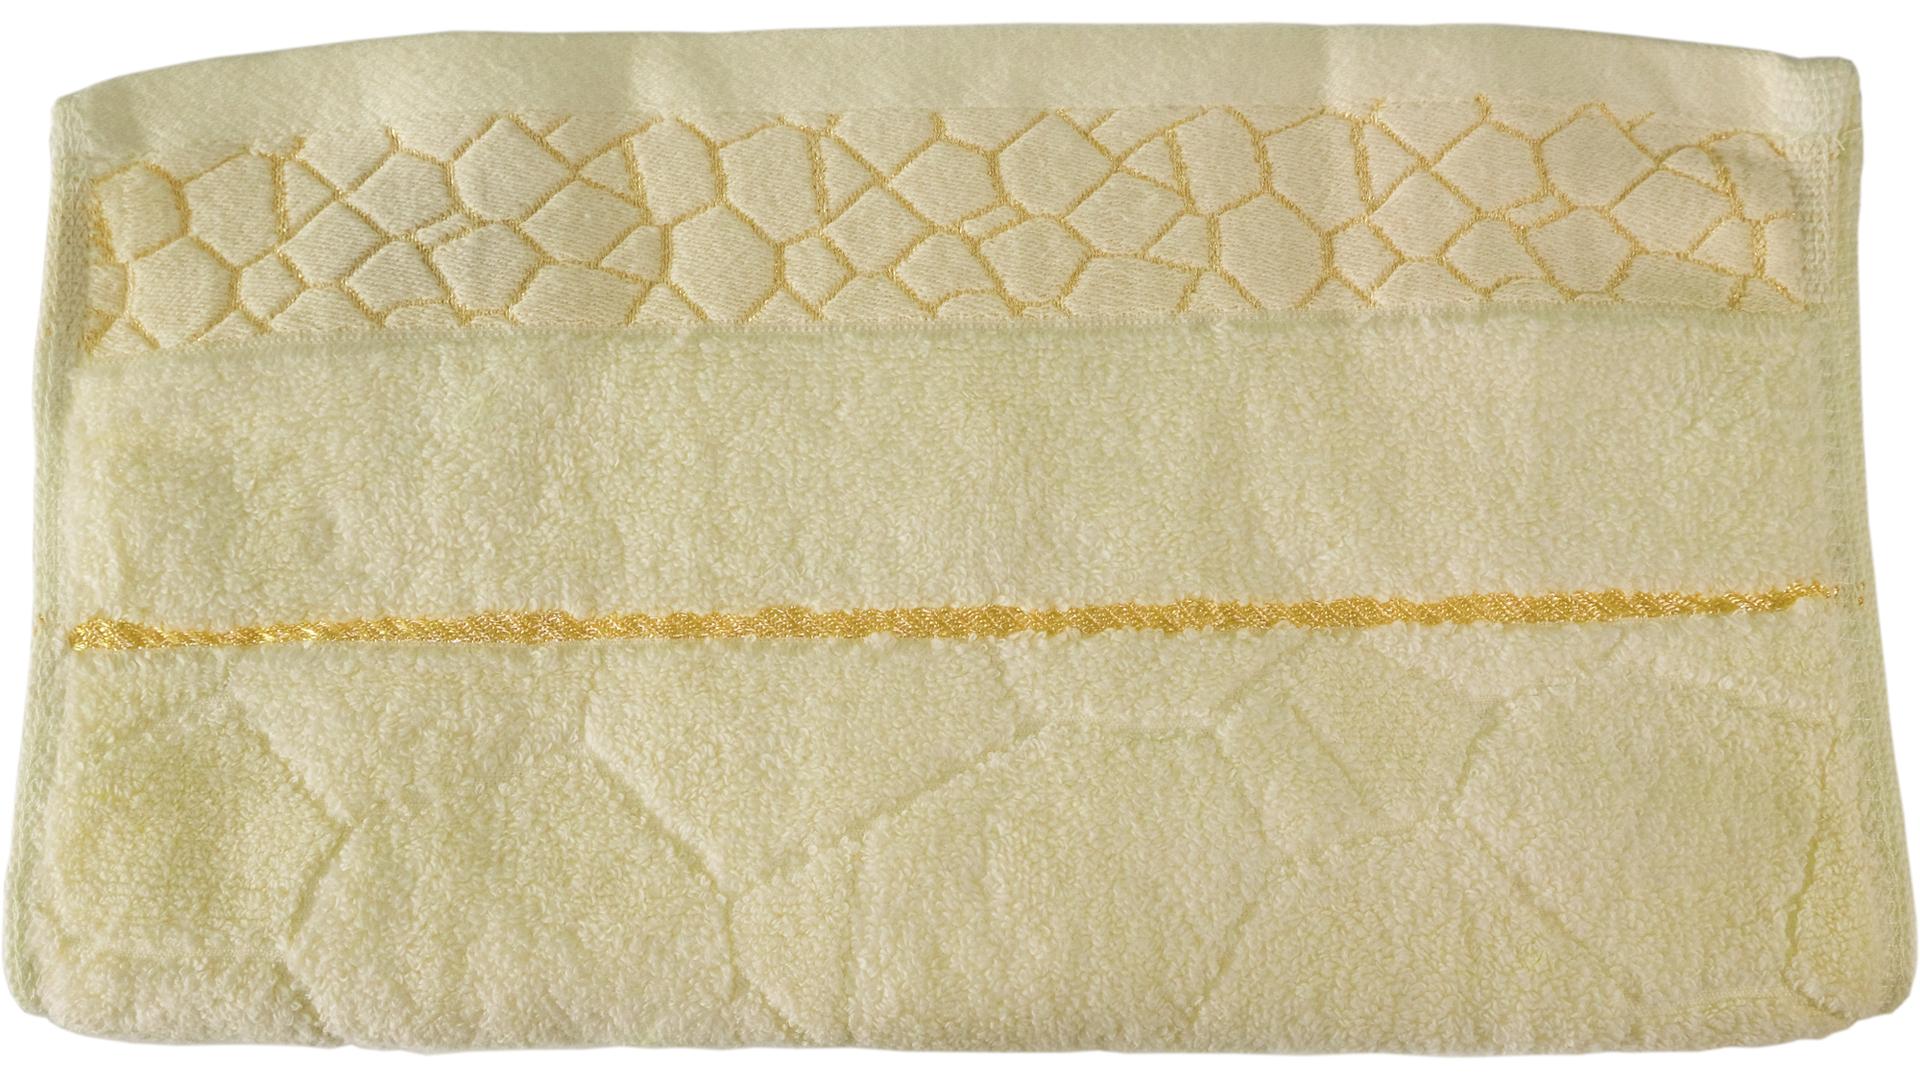 ผ้าขนหนู Cotton ลายแกรนิต ไม่ตีเกลียว 34x76 ซม. สีเหลือง